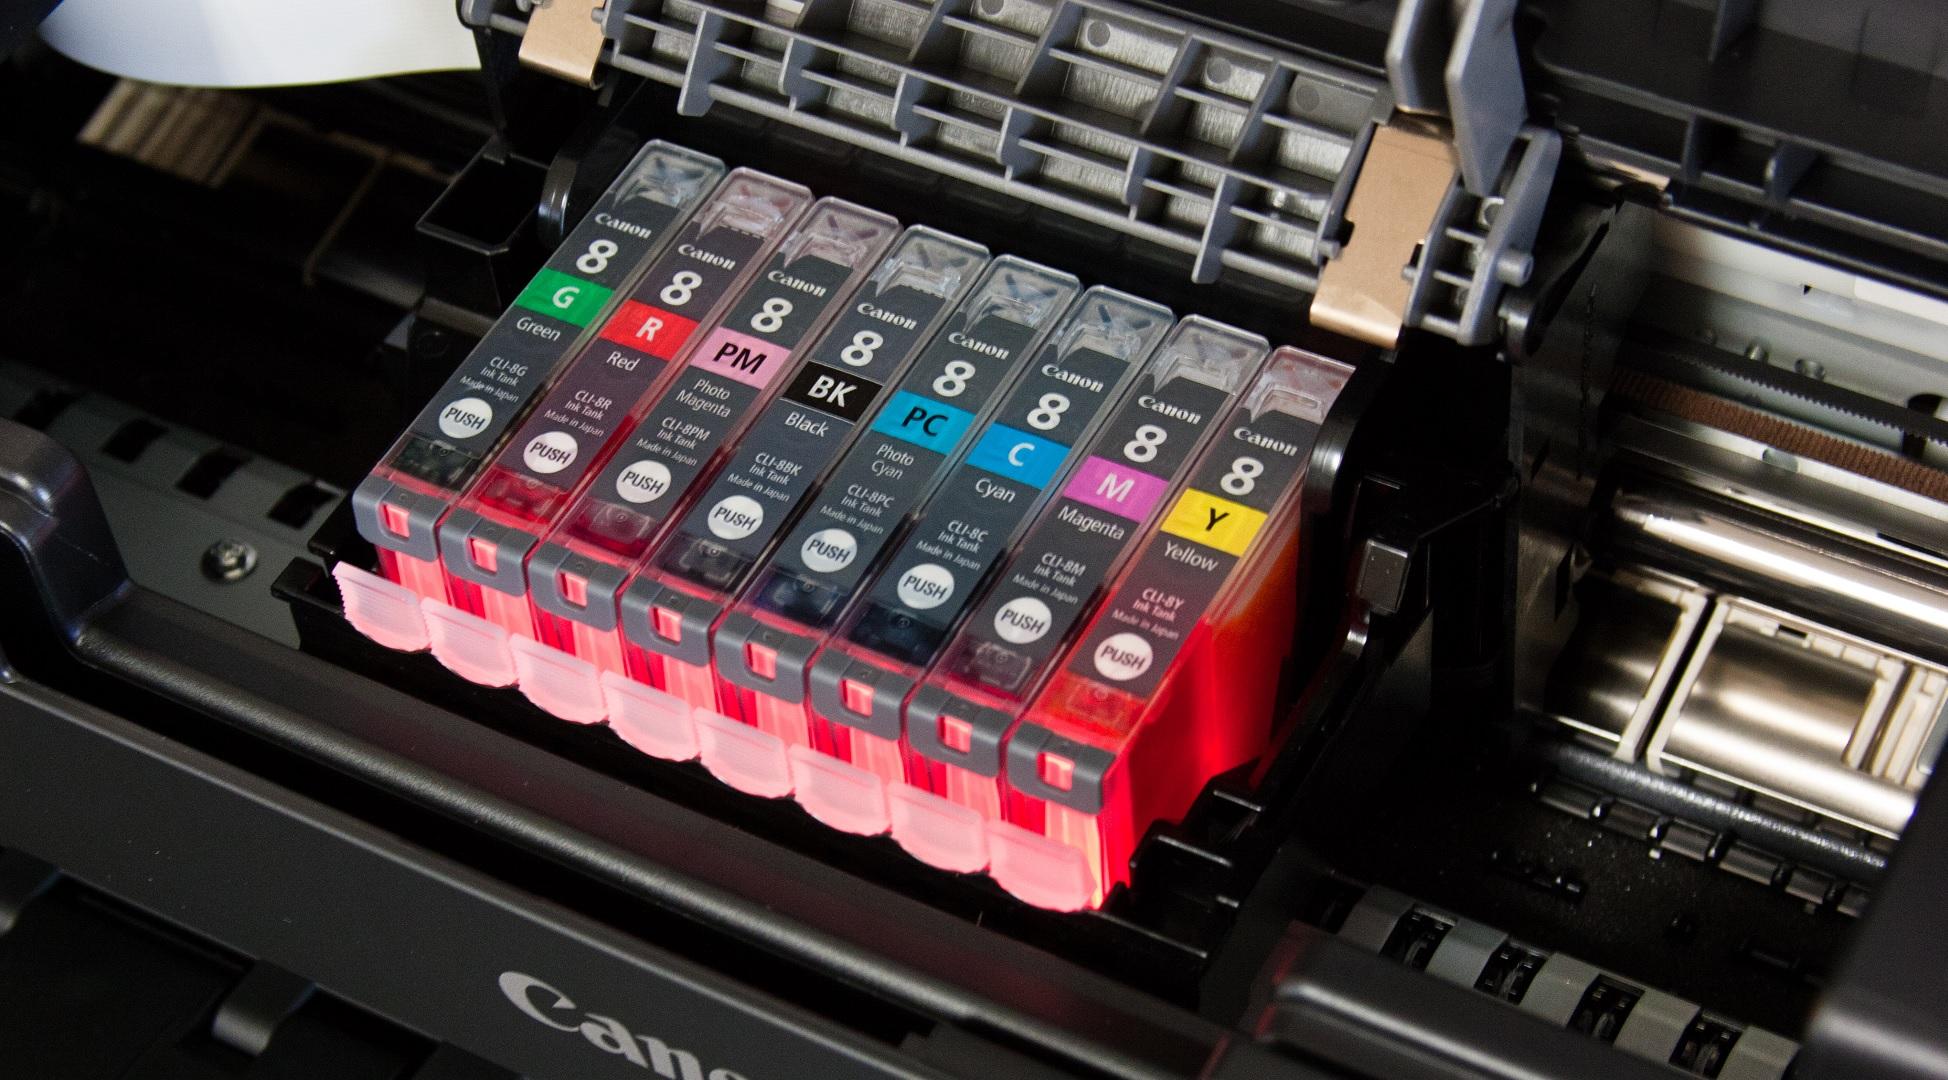 Esta impresora ecológica usa tinta inocua e inspirada en la naturaleza